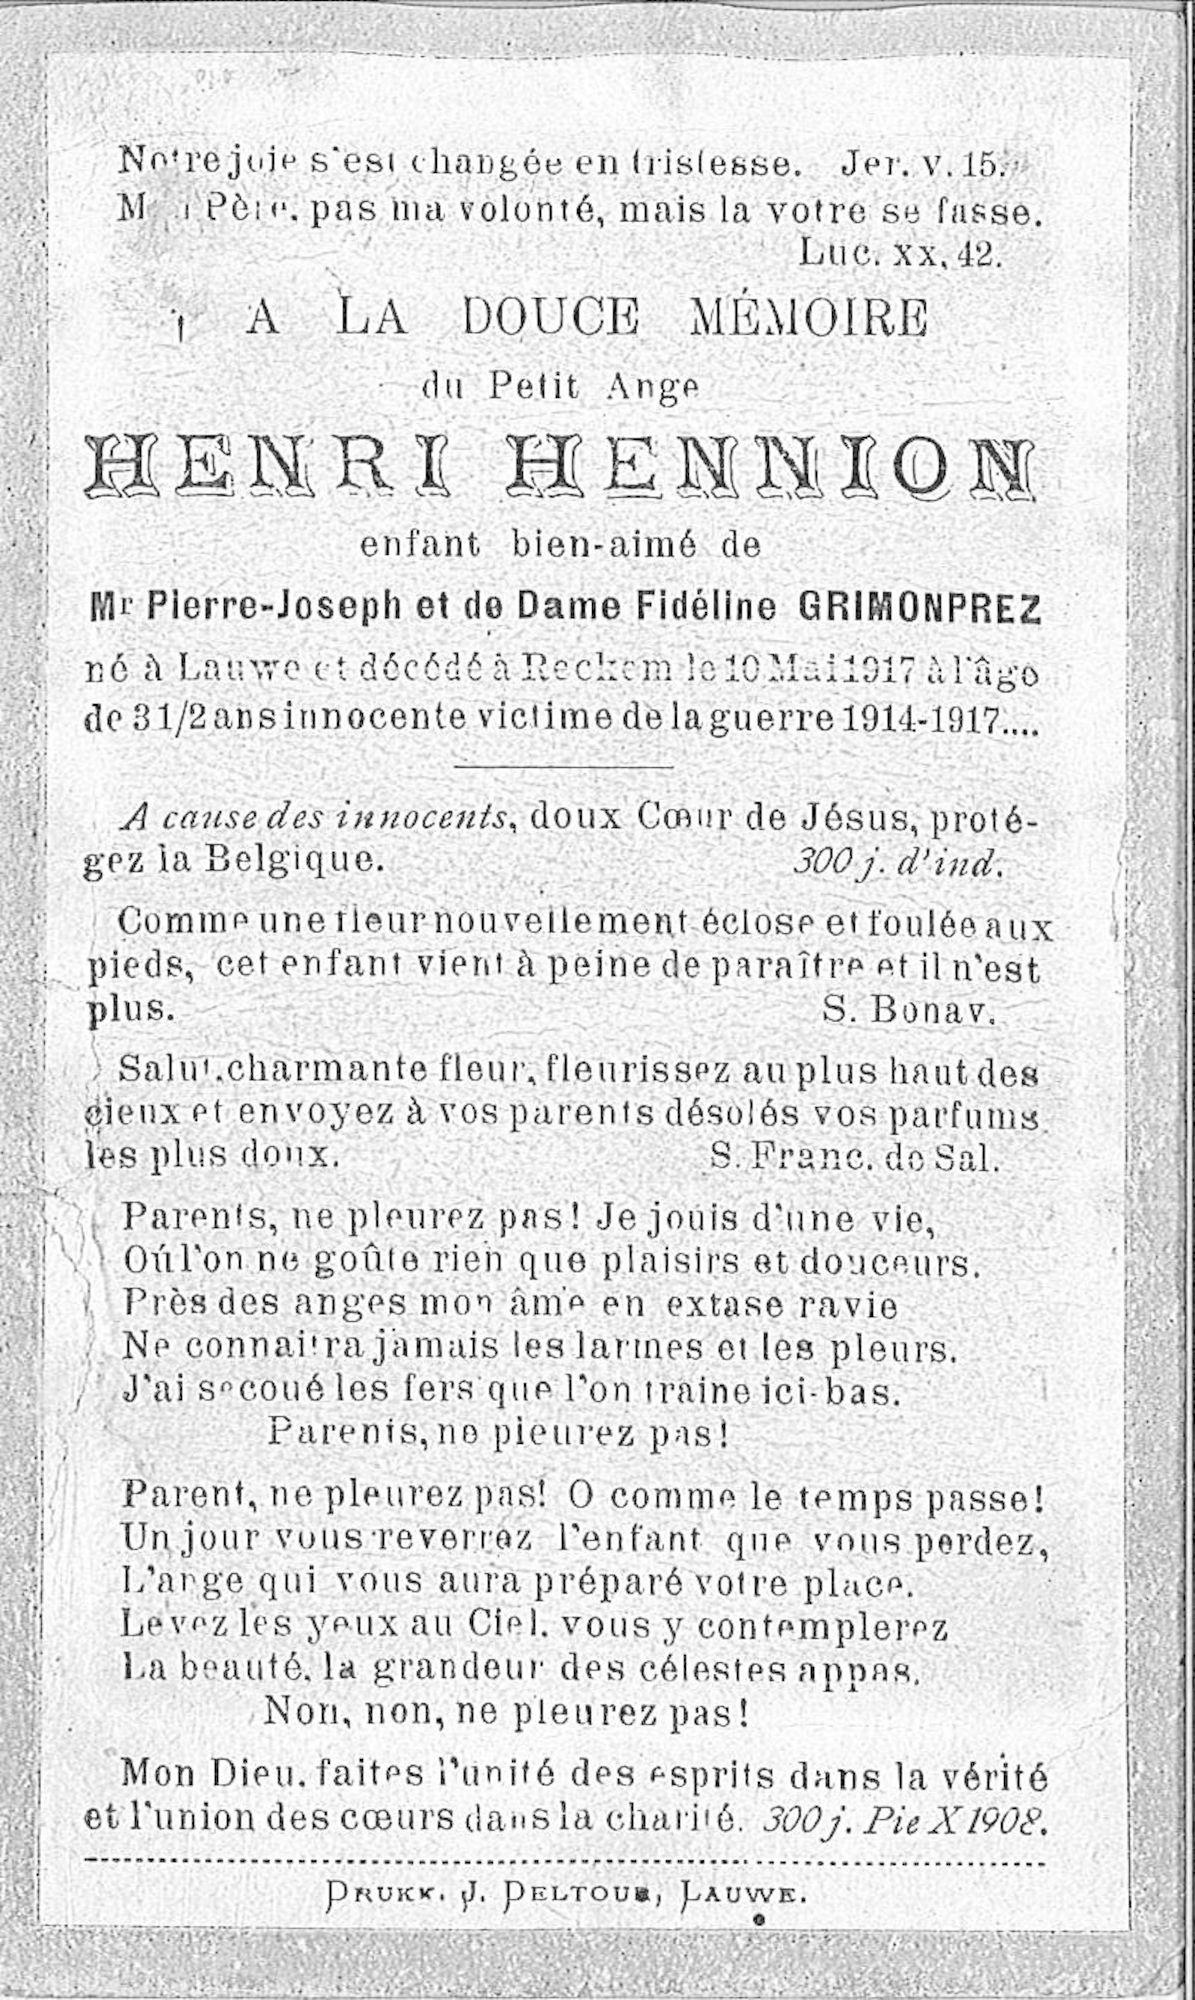 Henri Hennion